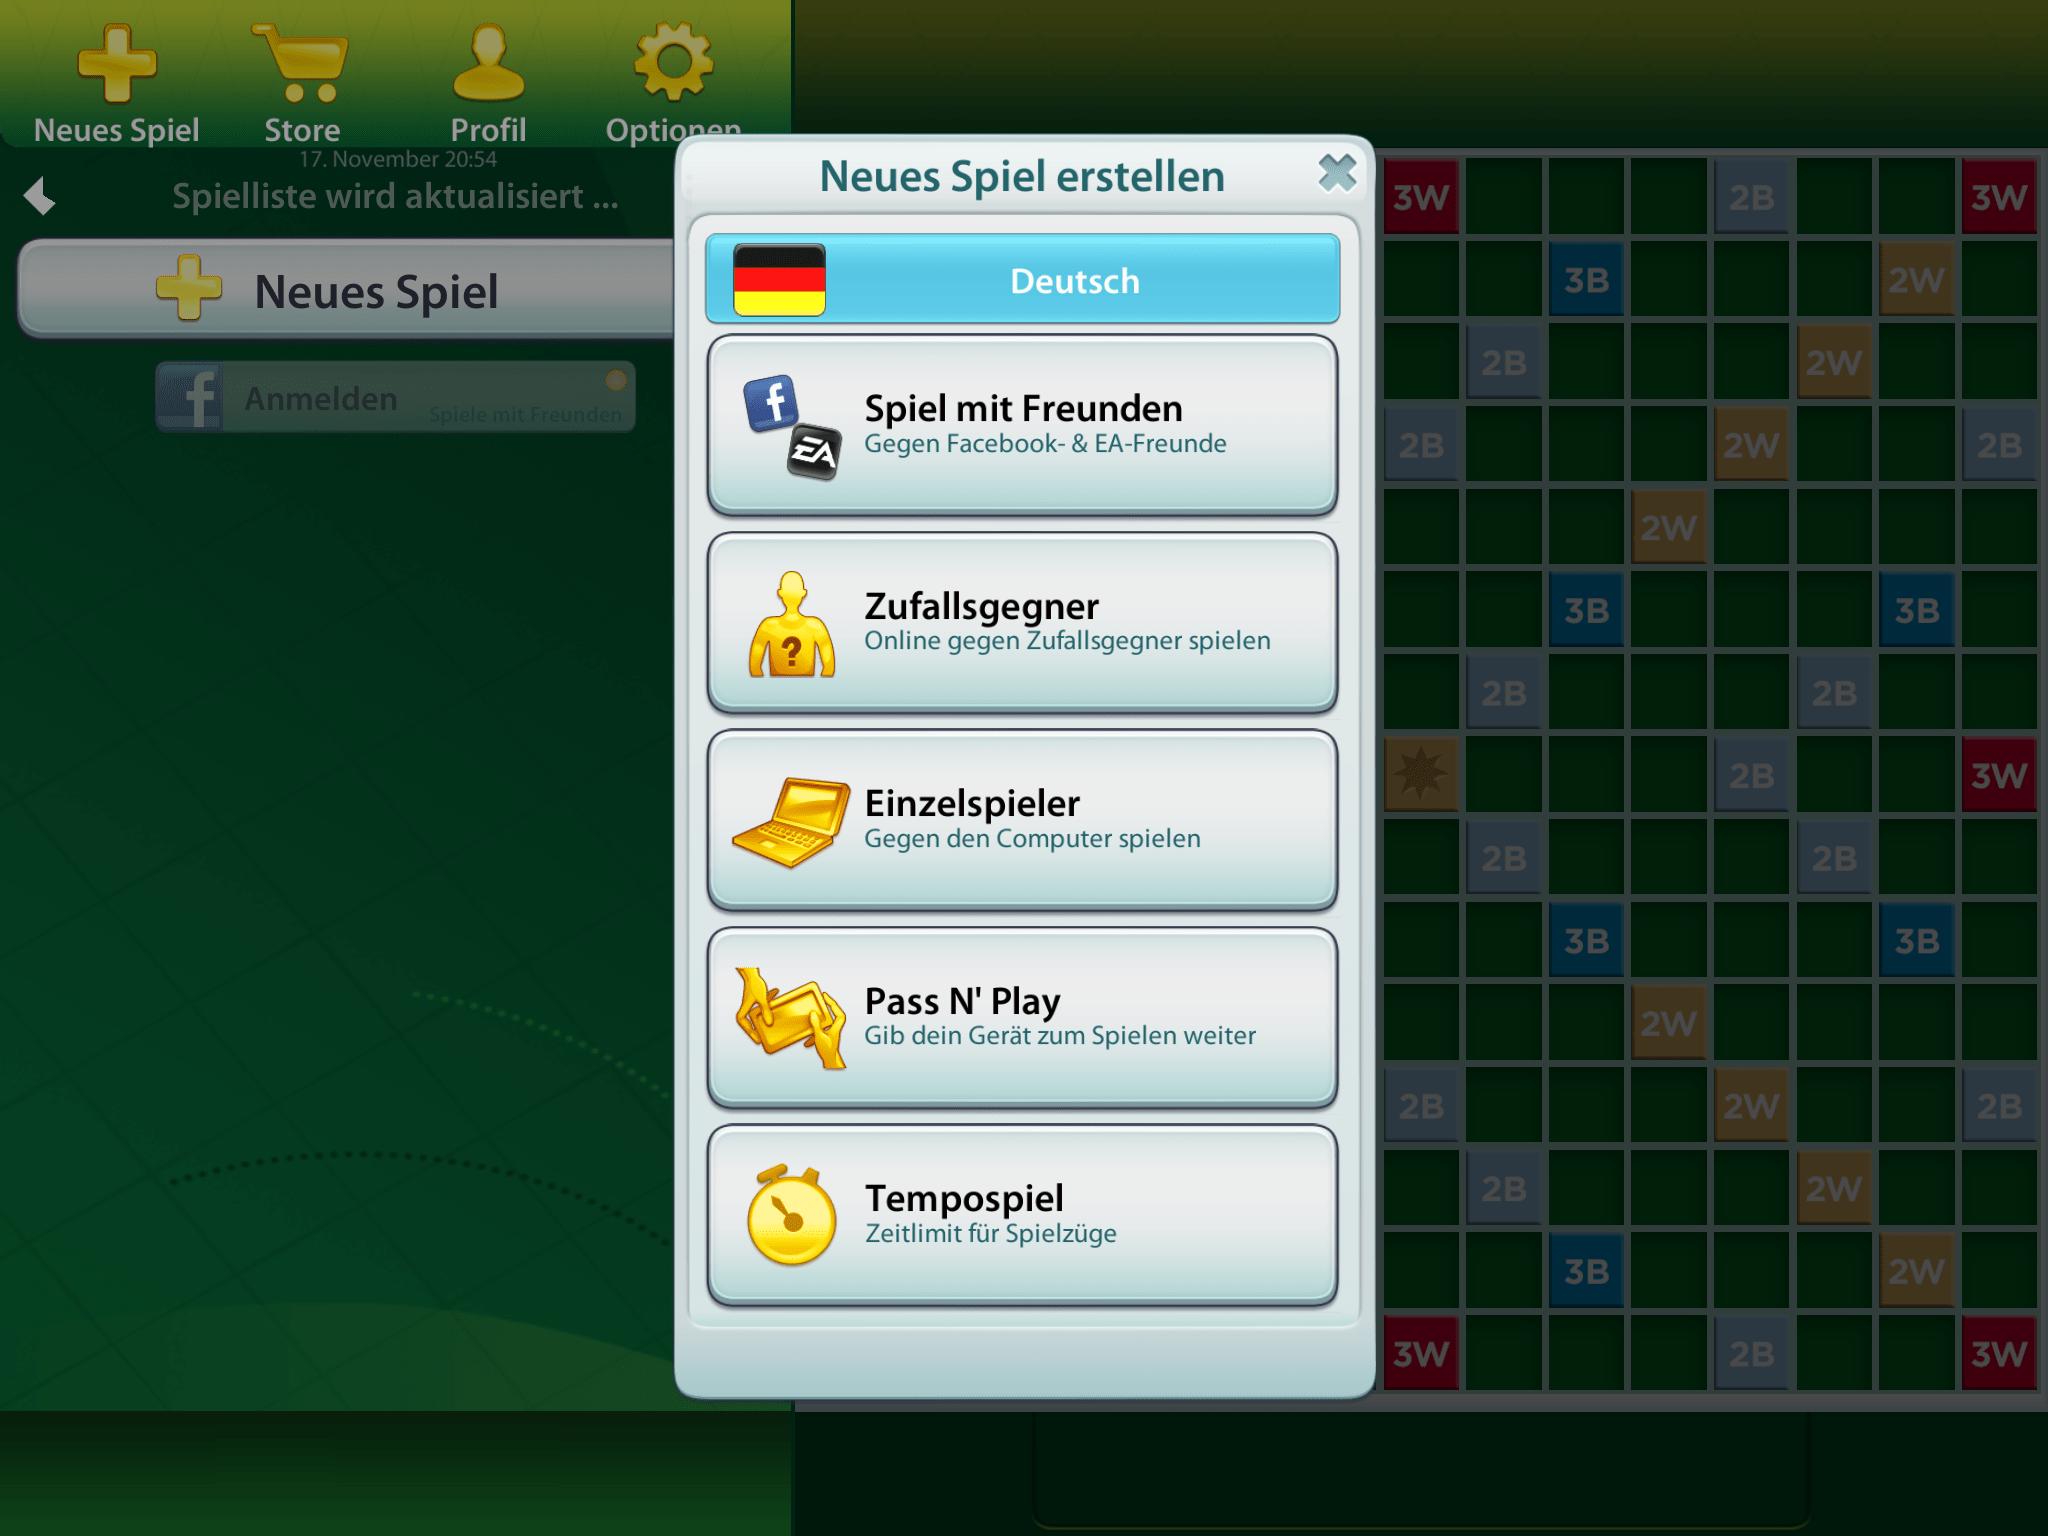 Scrabble App Spiel Starten